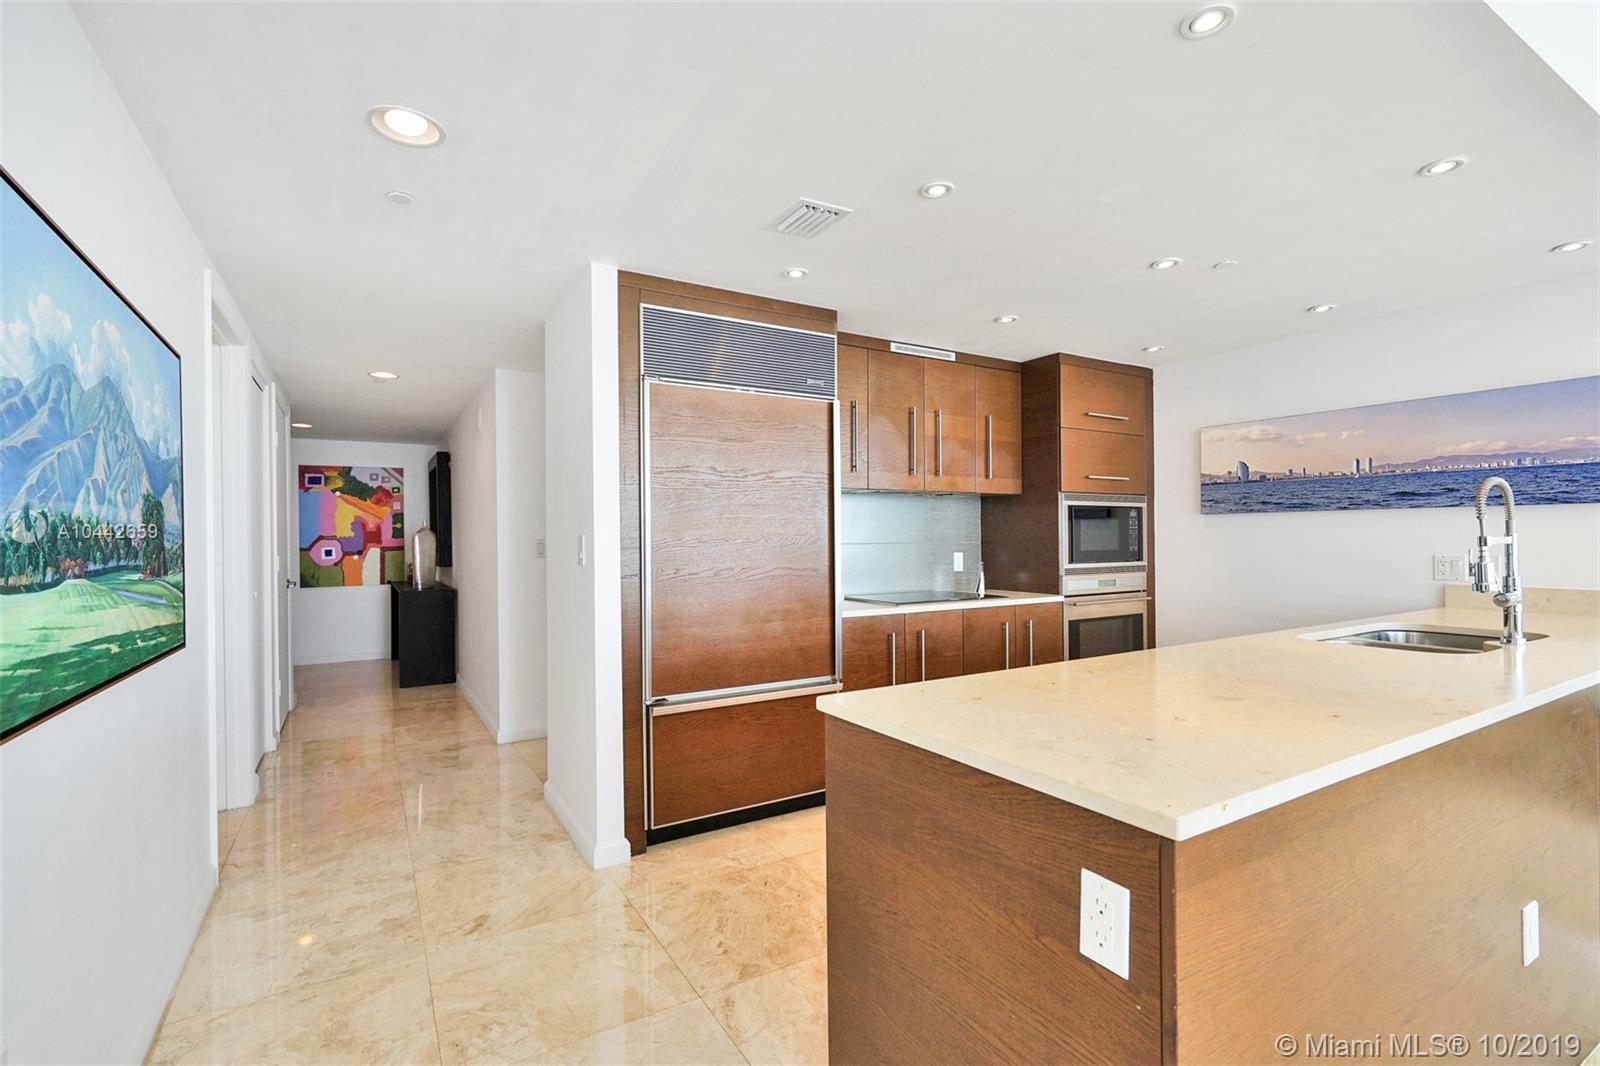 465 Brickell Ave, Miami, FL 33131, Icon Brickell I #4201, Brickell, Miami A10442659 image #15